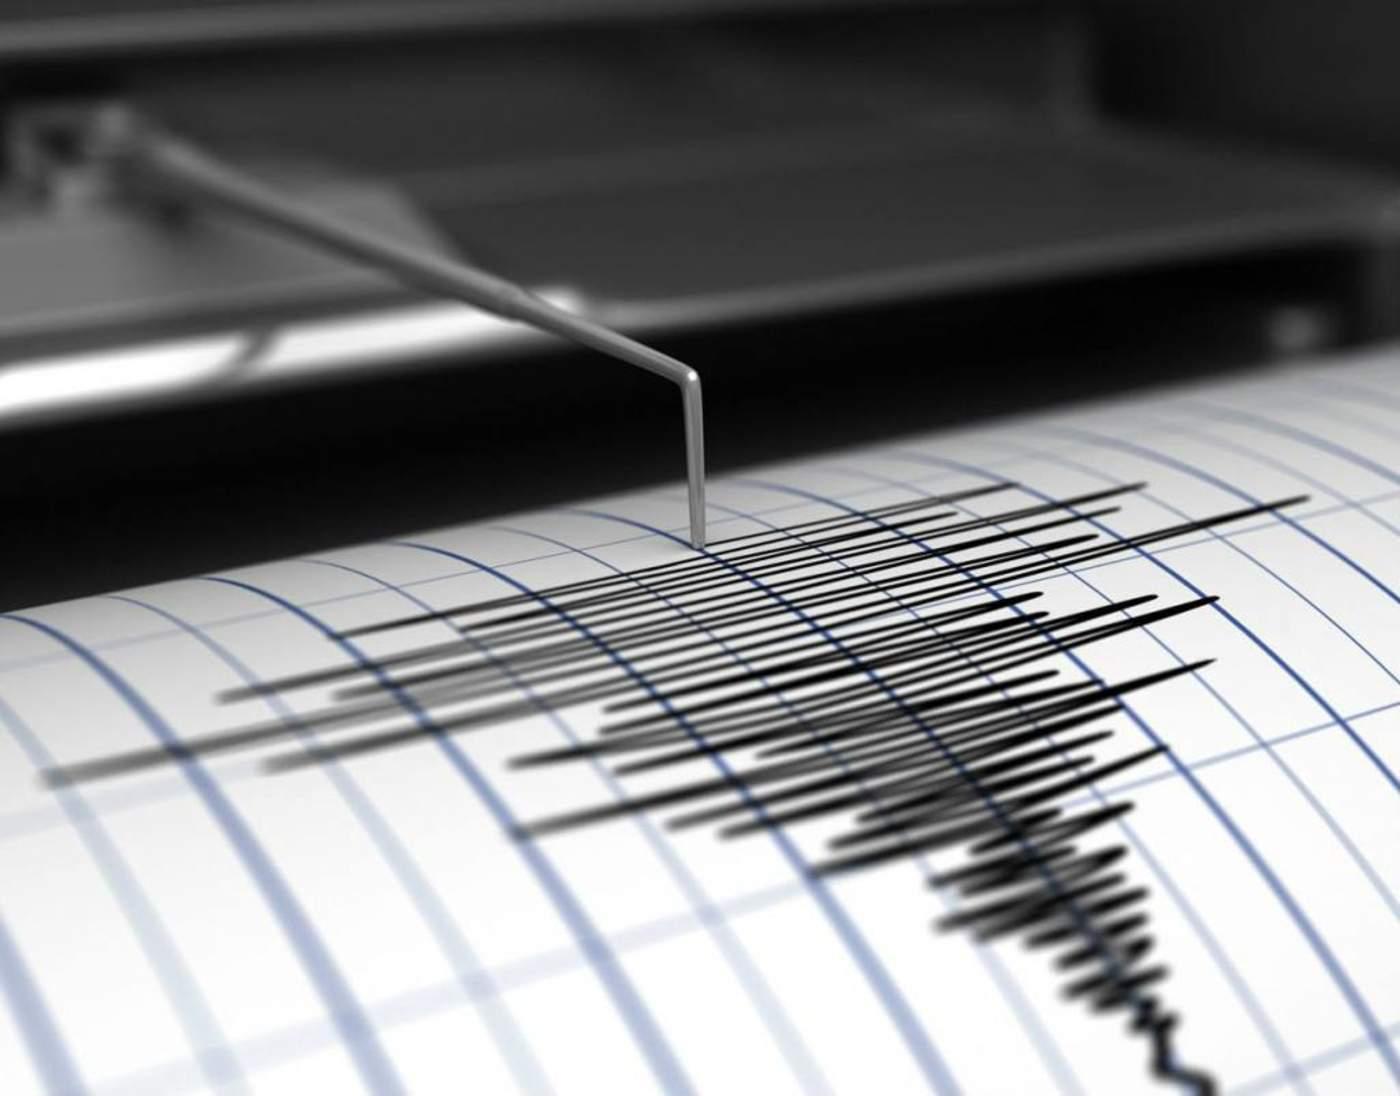 Se registra sismo de magnitud 6.6 con epicentro en Chiapas